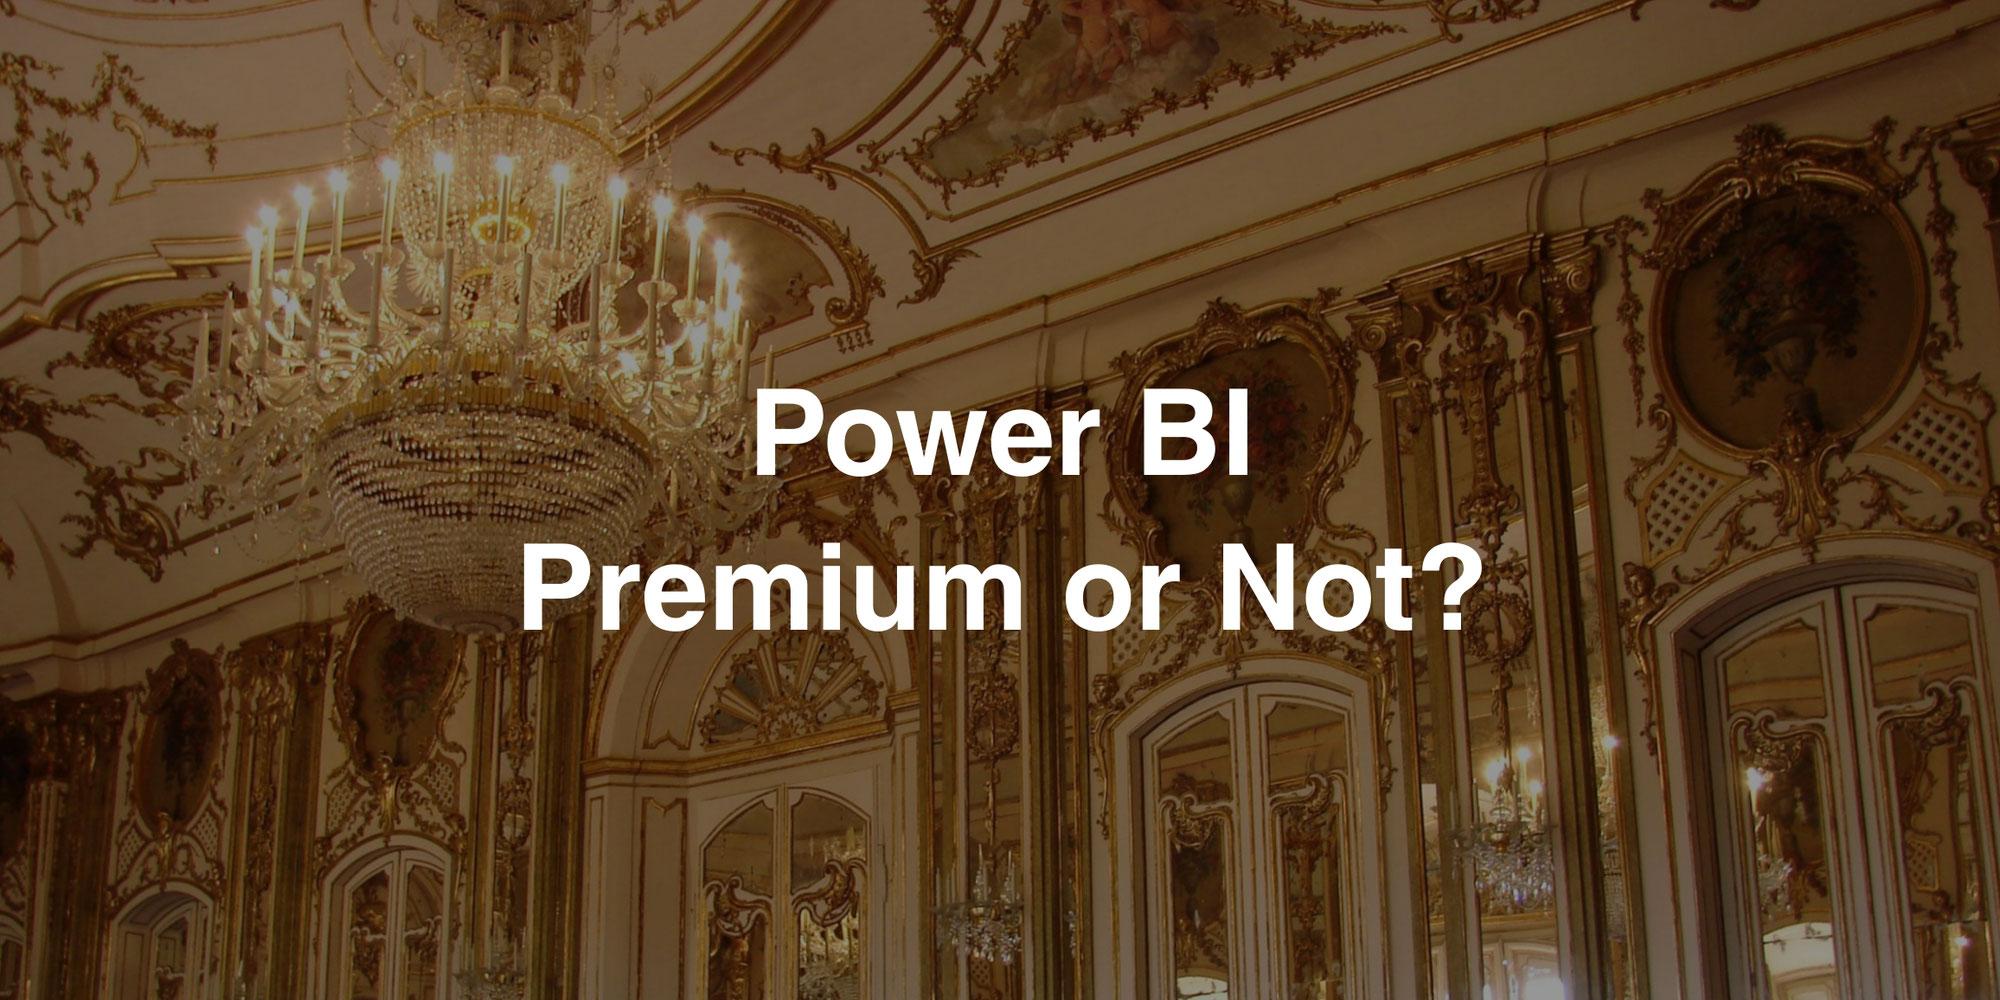 Power BI - Premium or Not?